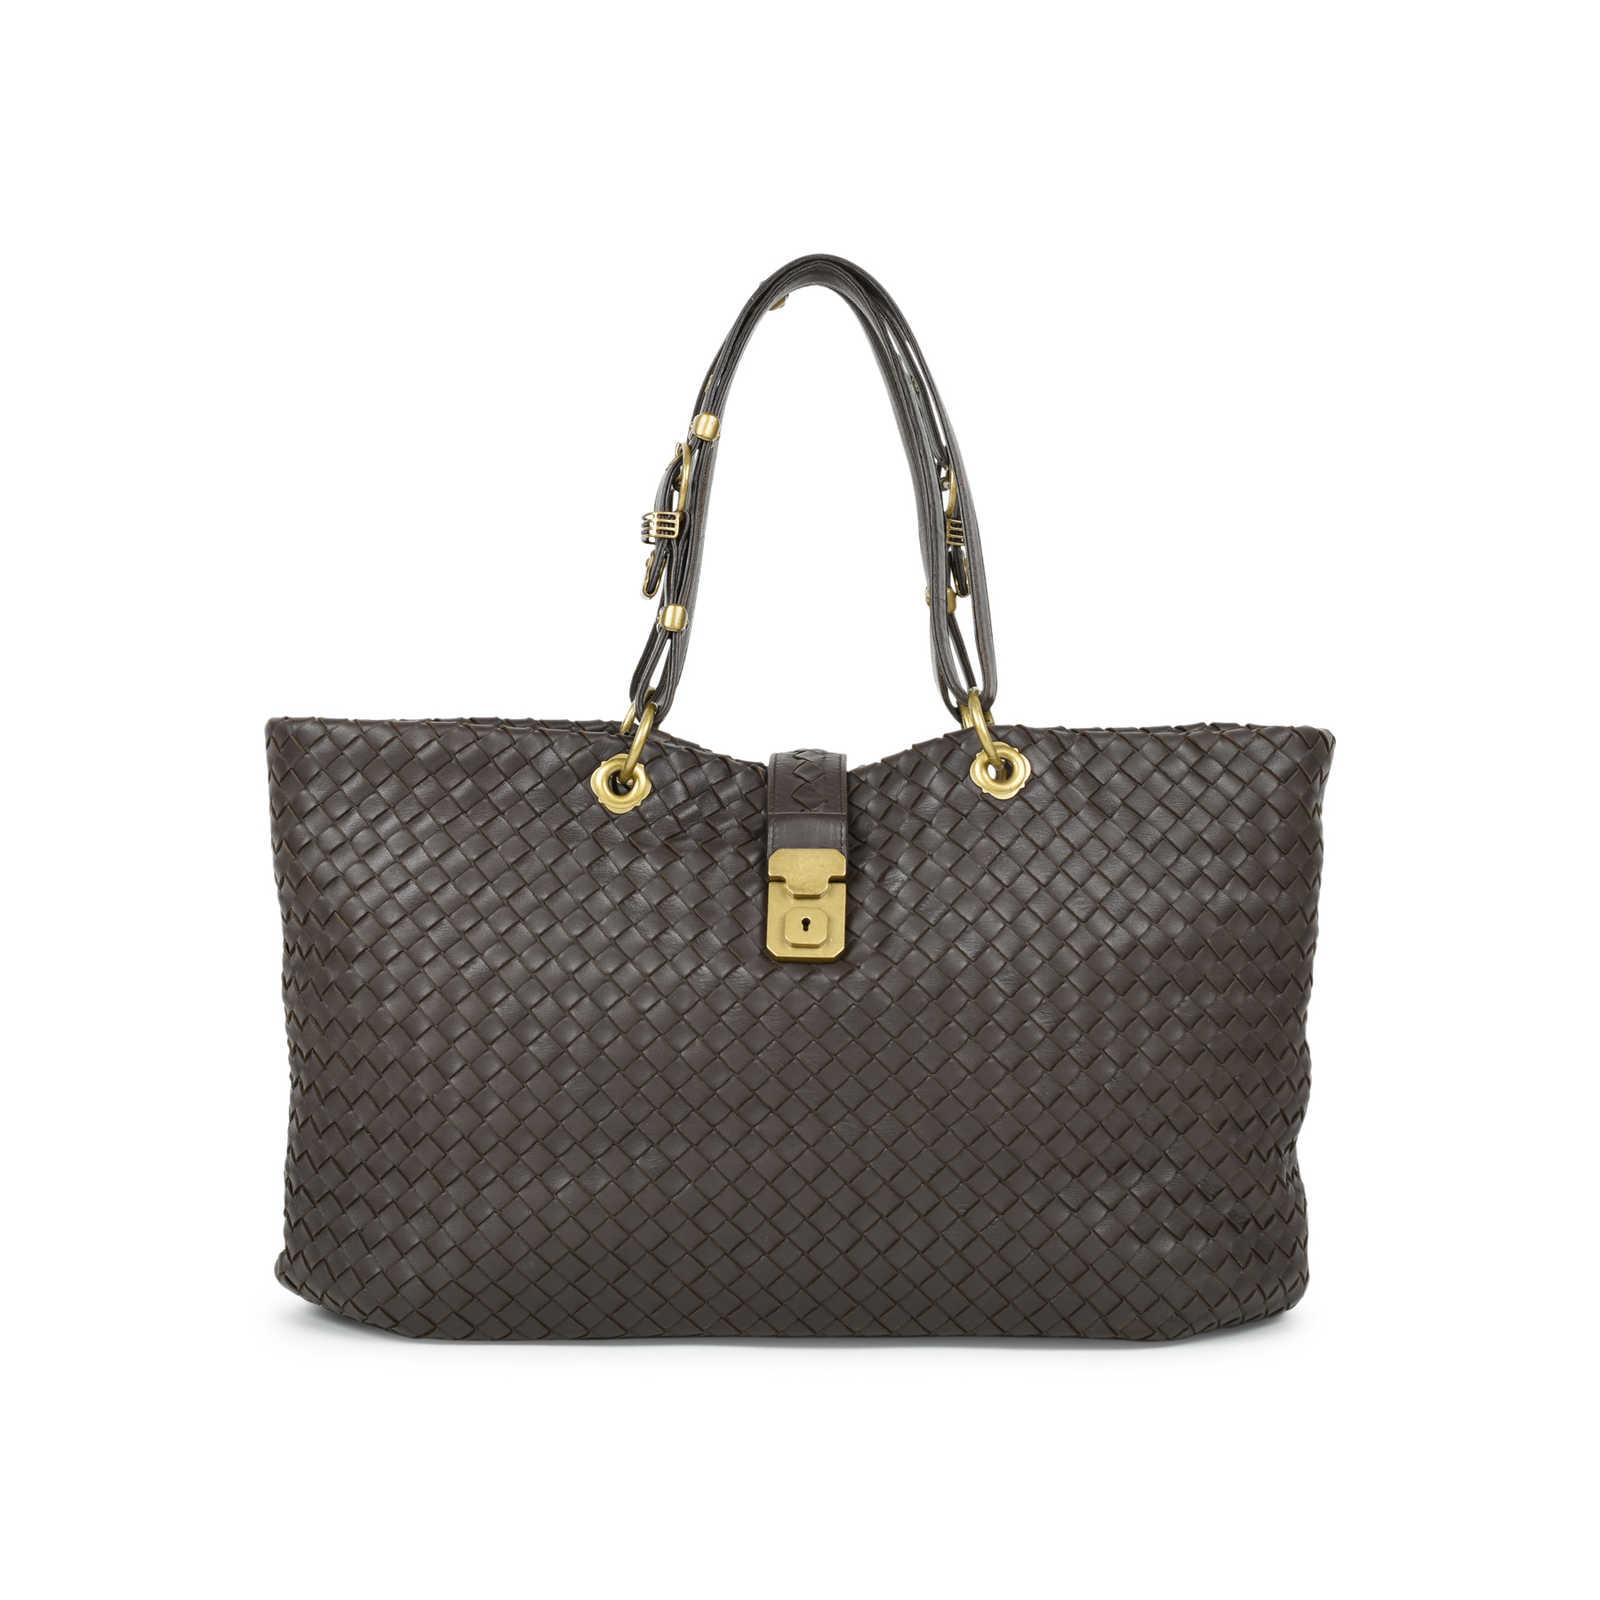 653ac2b957 Authentic Second Hand Bottega Veneta Intrecciato Woven Nappa Capri Tote Bag  (PSS-472- ...